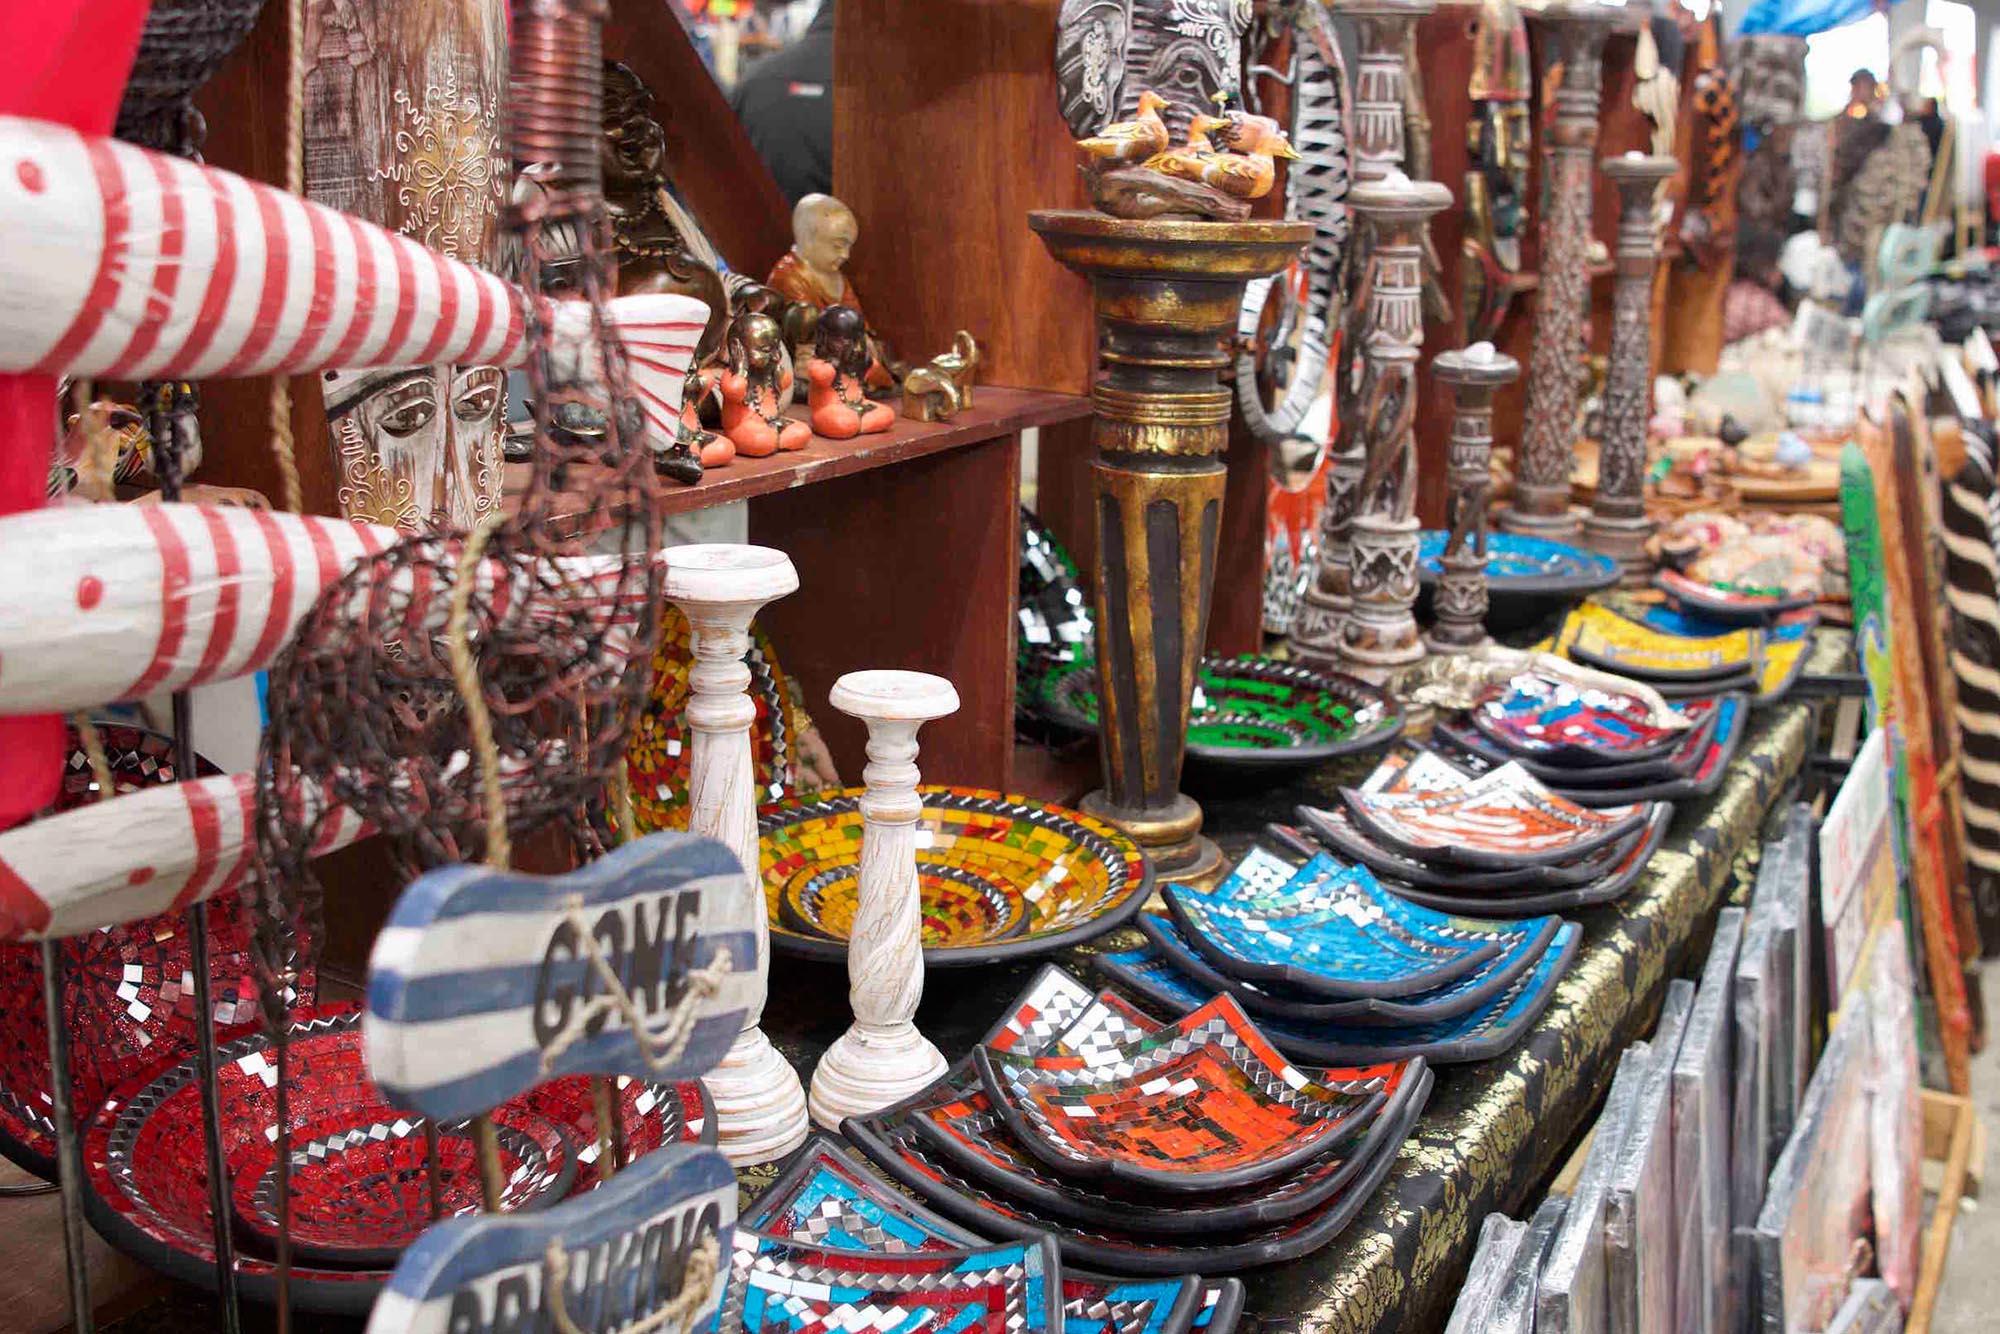 Rugs Dandenong Market Dandenong Market Traders Dandenong